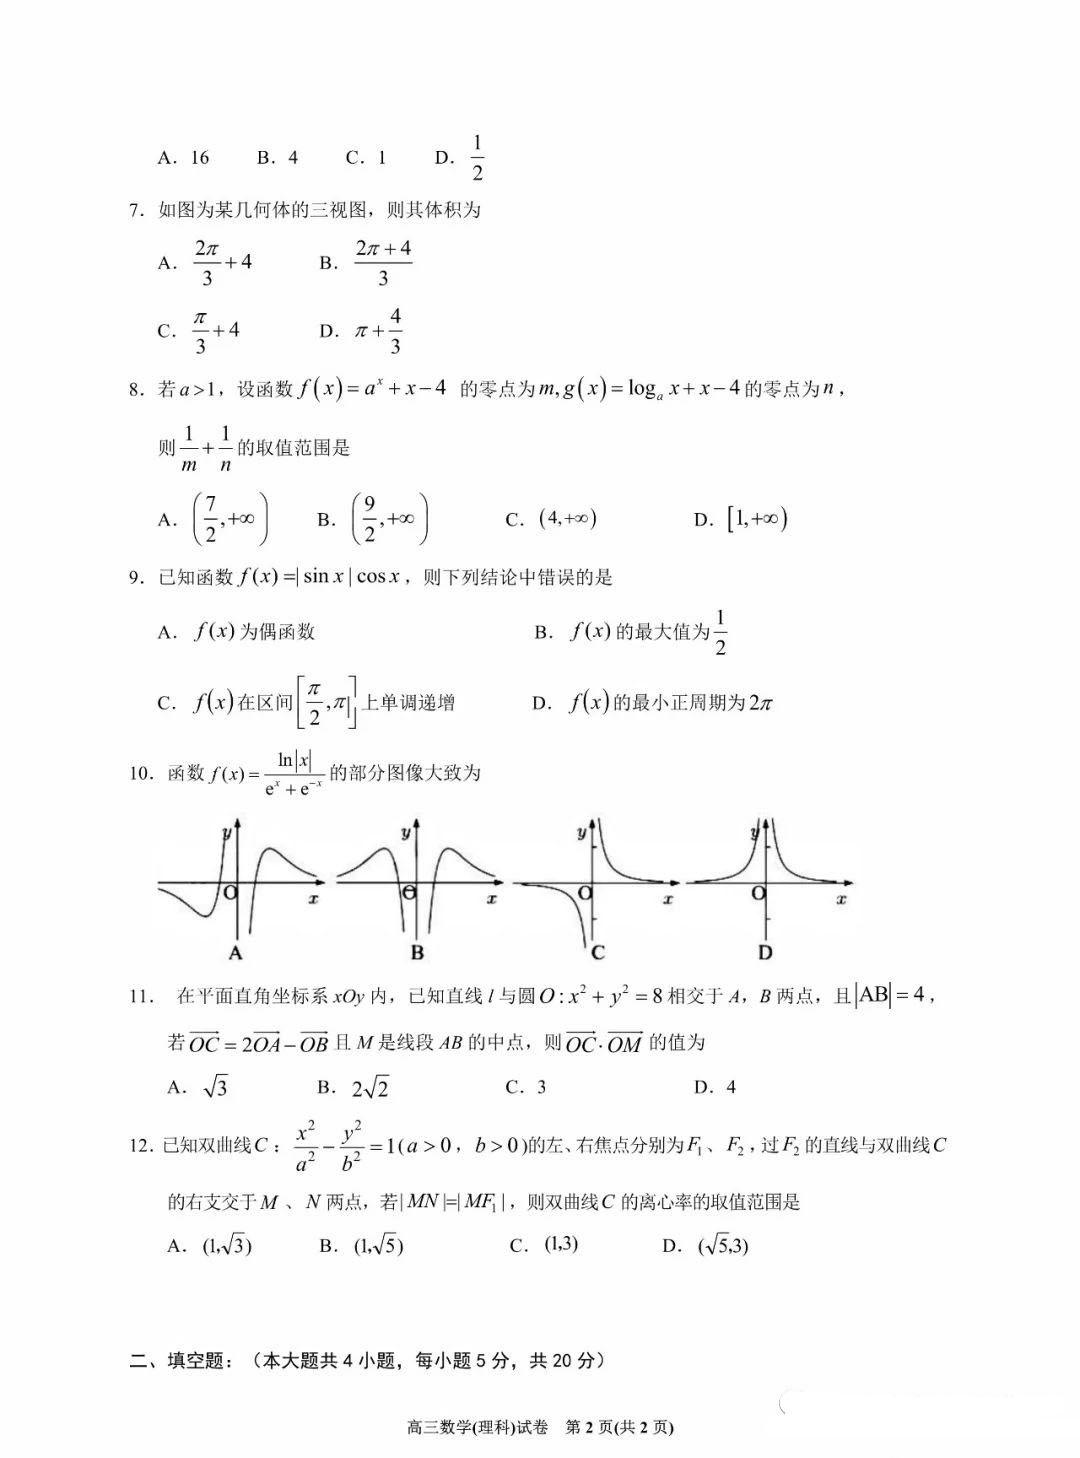 2021年银川一中开学考高三数学试卷及答案图2